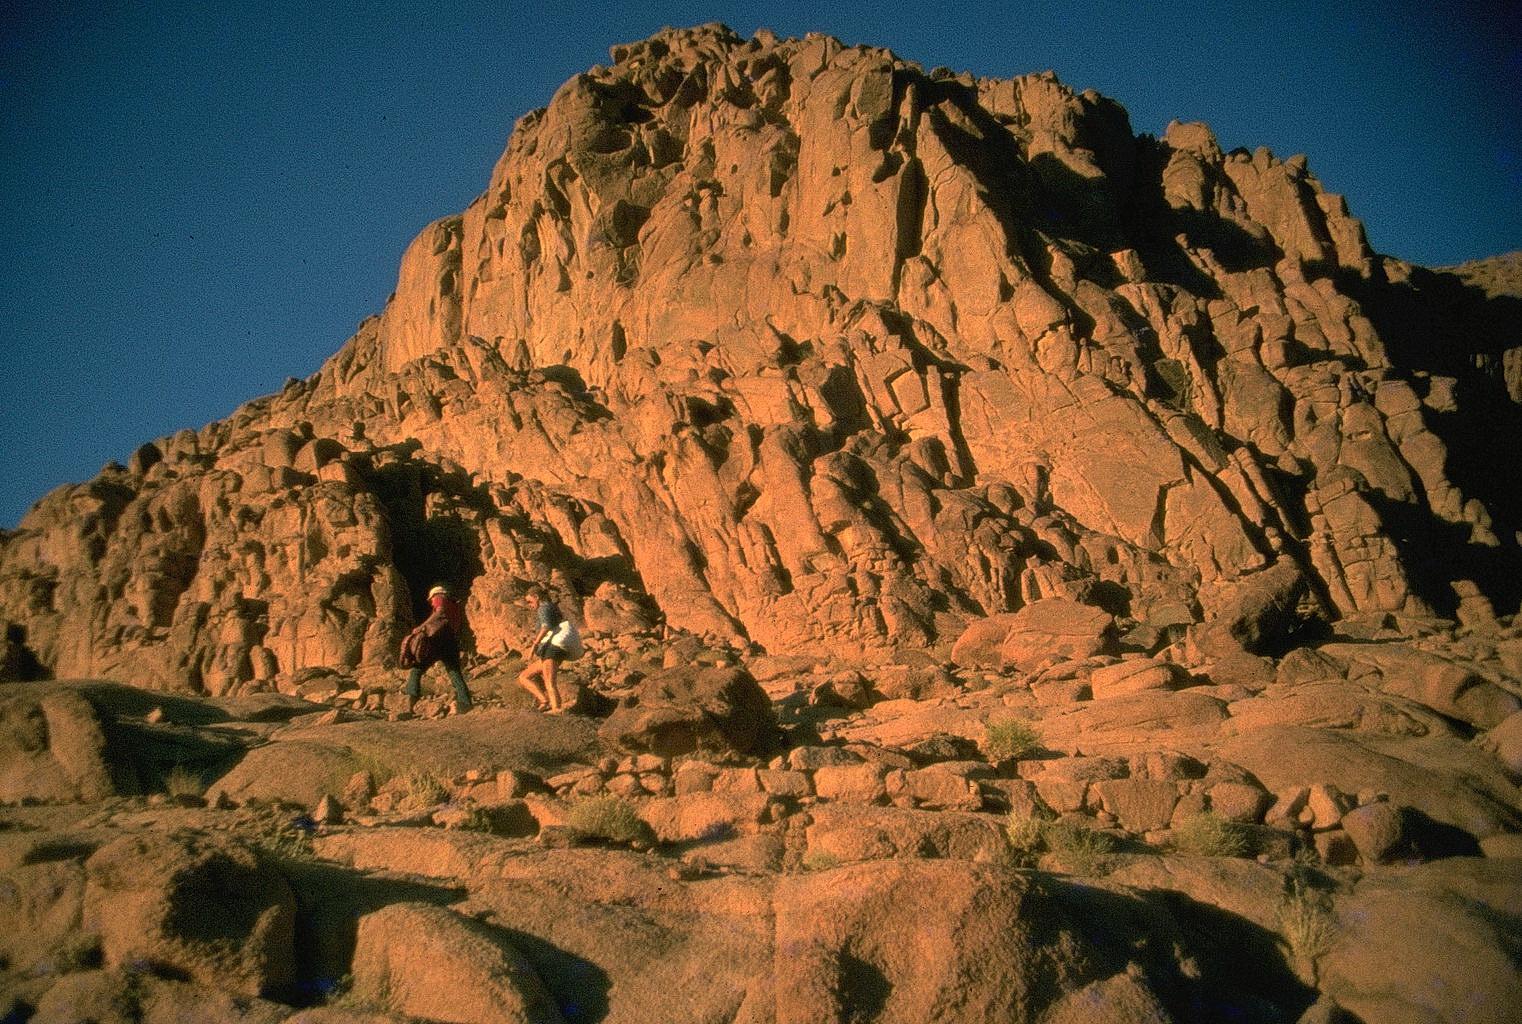 aufstieg zum berg moses, sinai, 1978